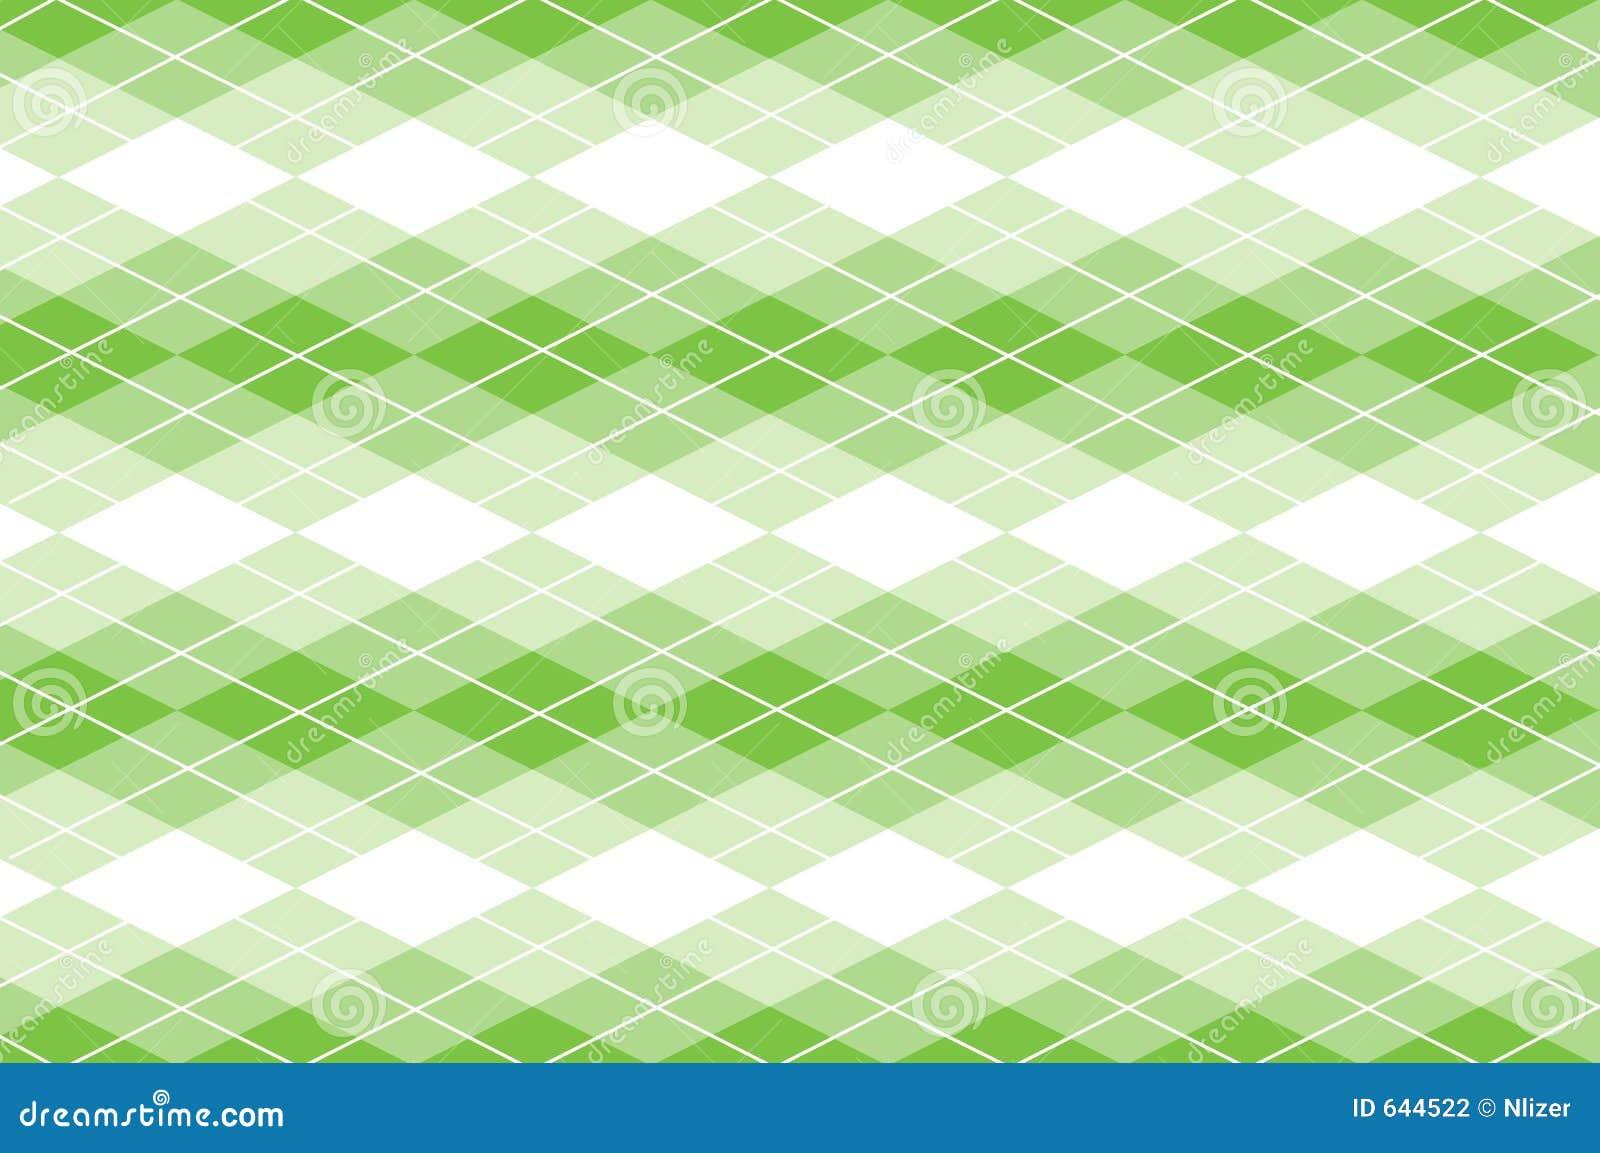 Vector Green Argyle Stock Vector. Image Of Design, Concept